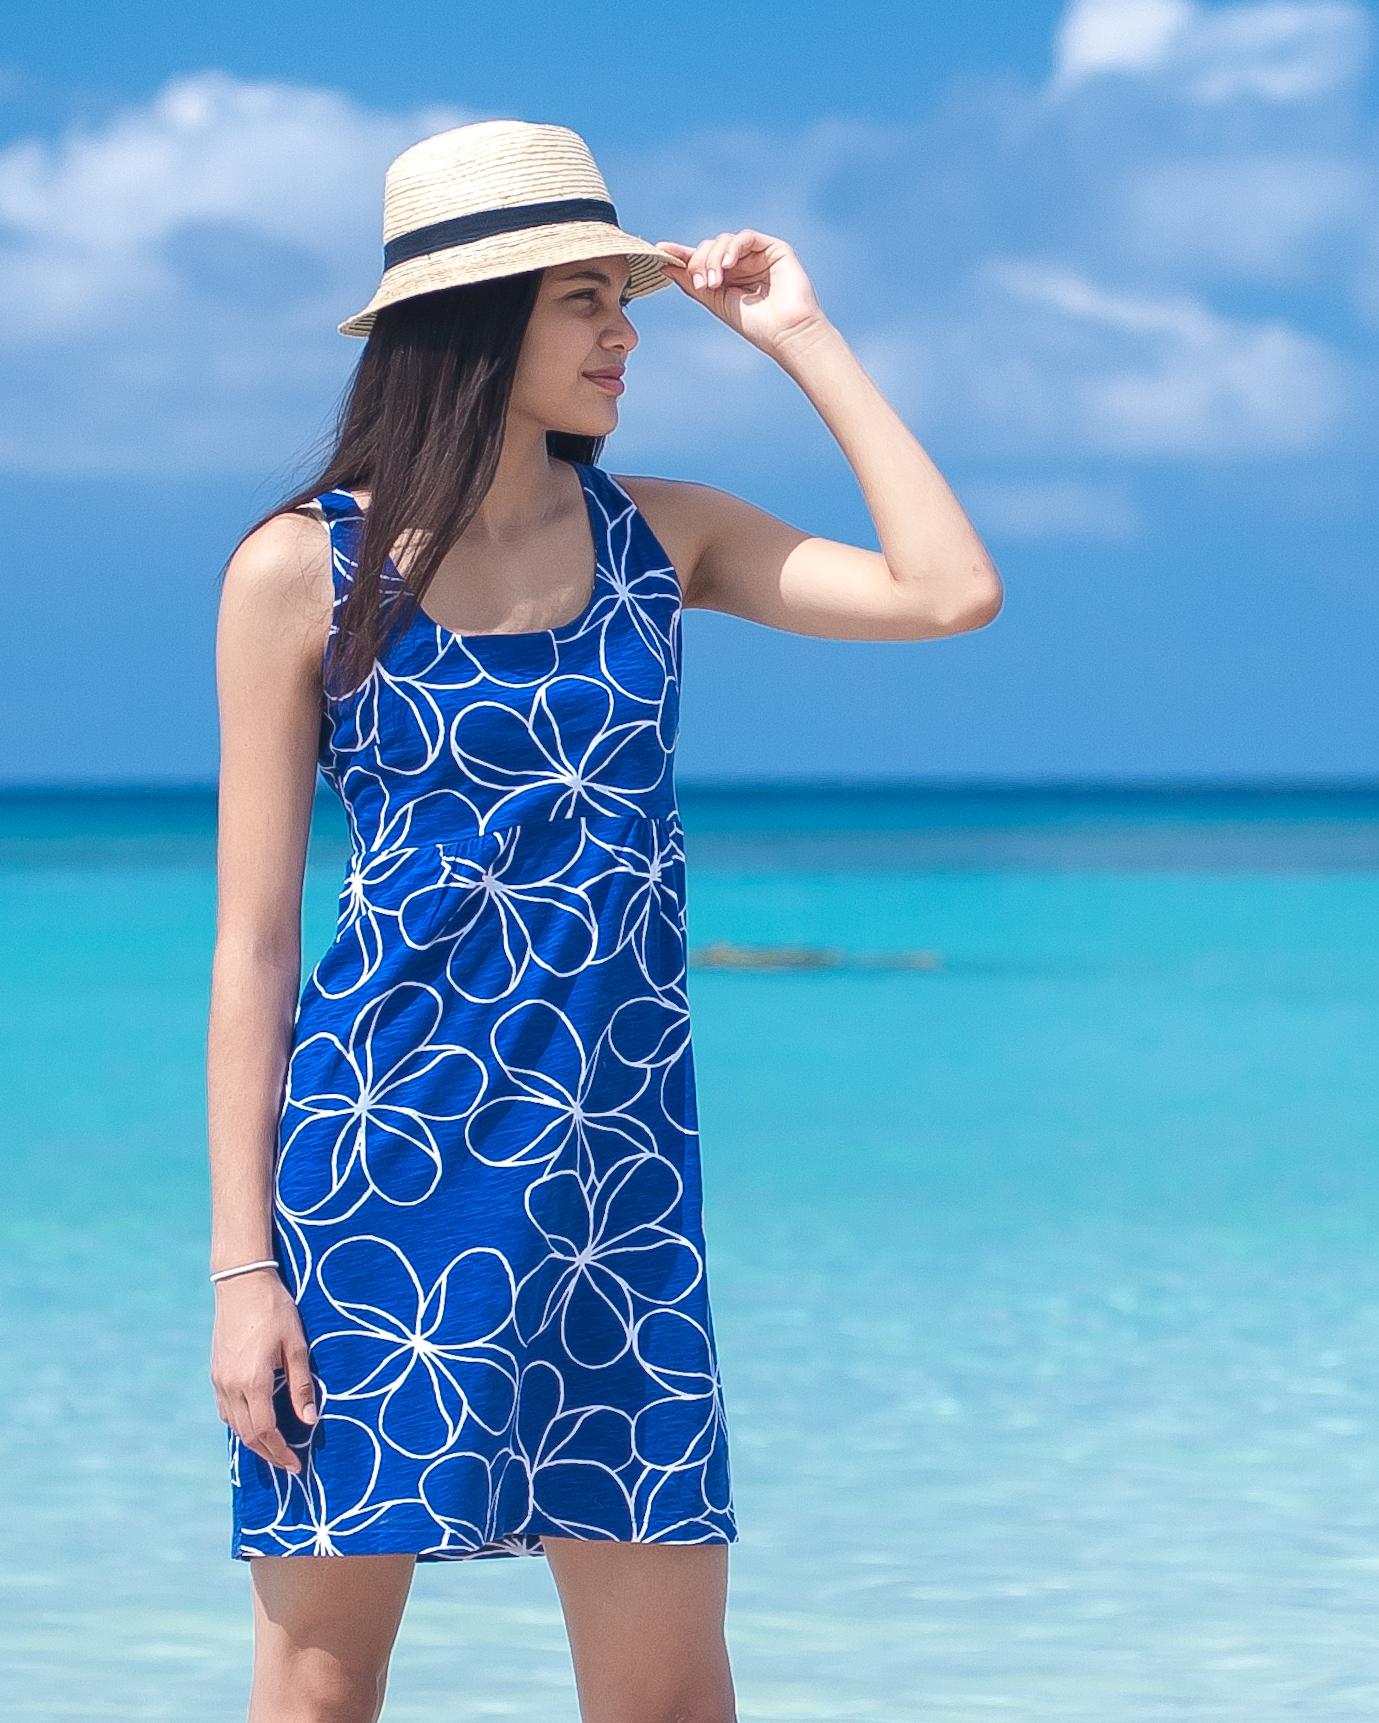 حتى ملابس الشاطئ تستطيعين تنسيقها هكذا!